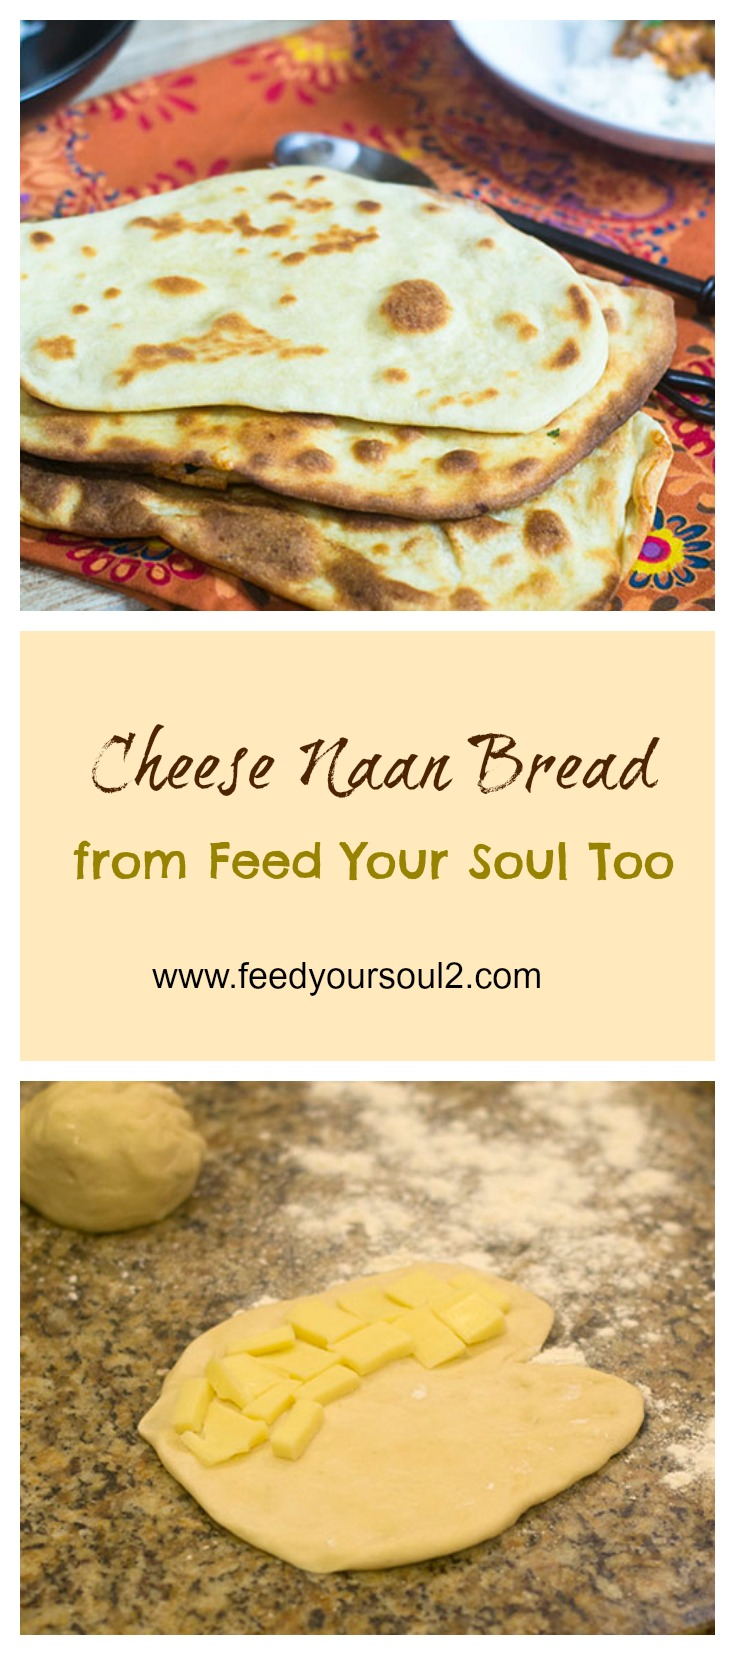 Cheese Naan Bread #Indianfood #bread #naan | feedyoursoul2.com